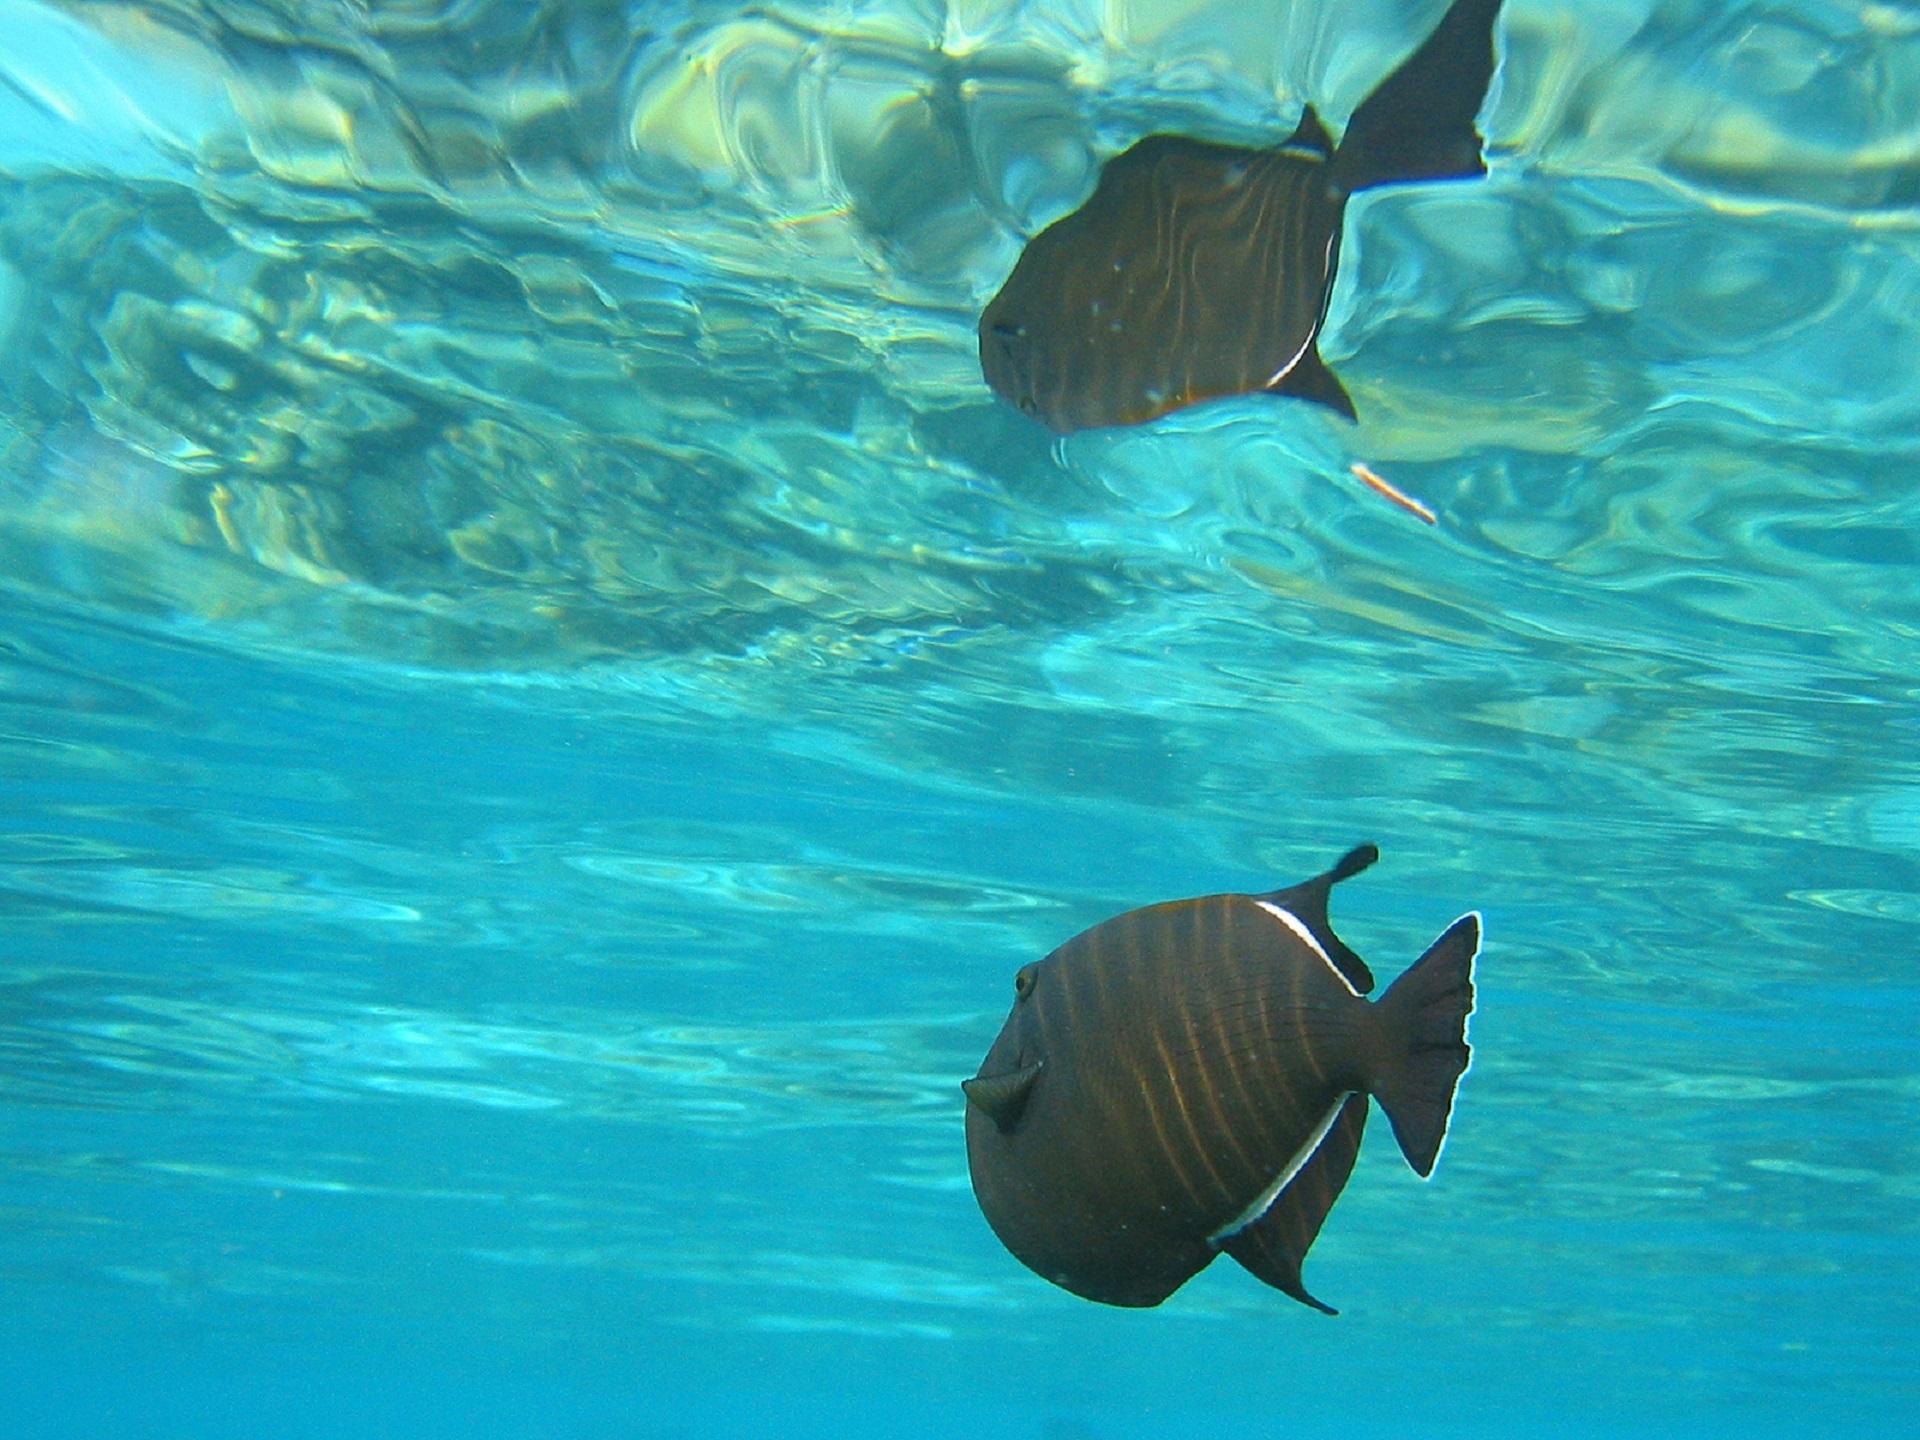 free images sea water ocean wildlife underwater tropical